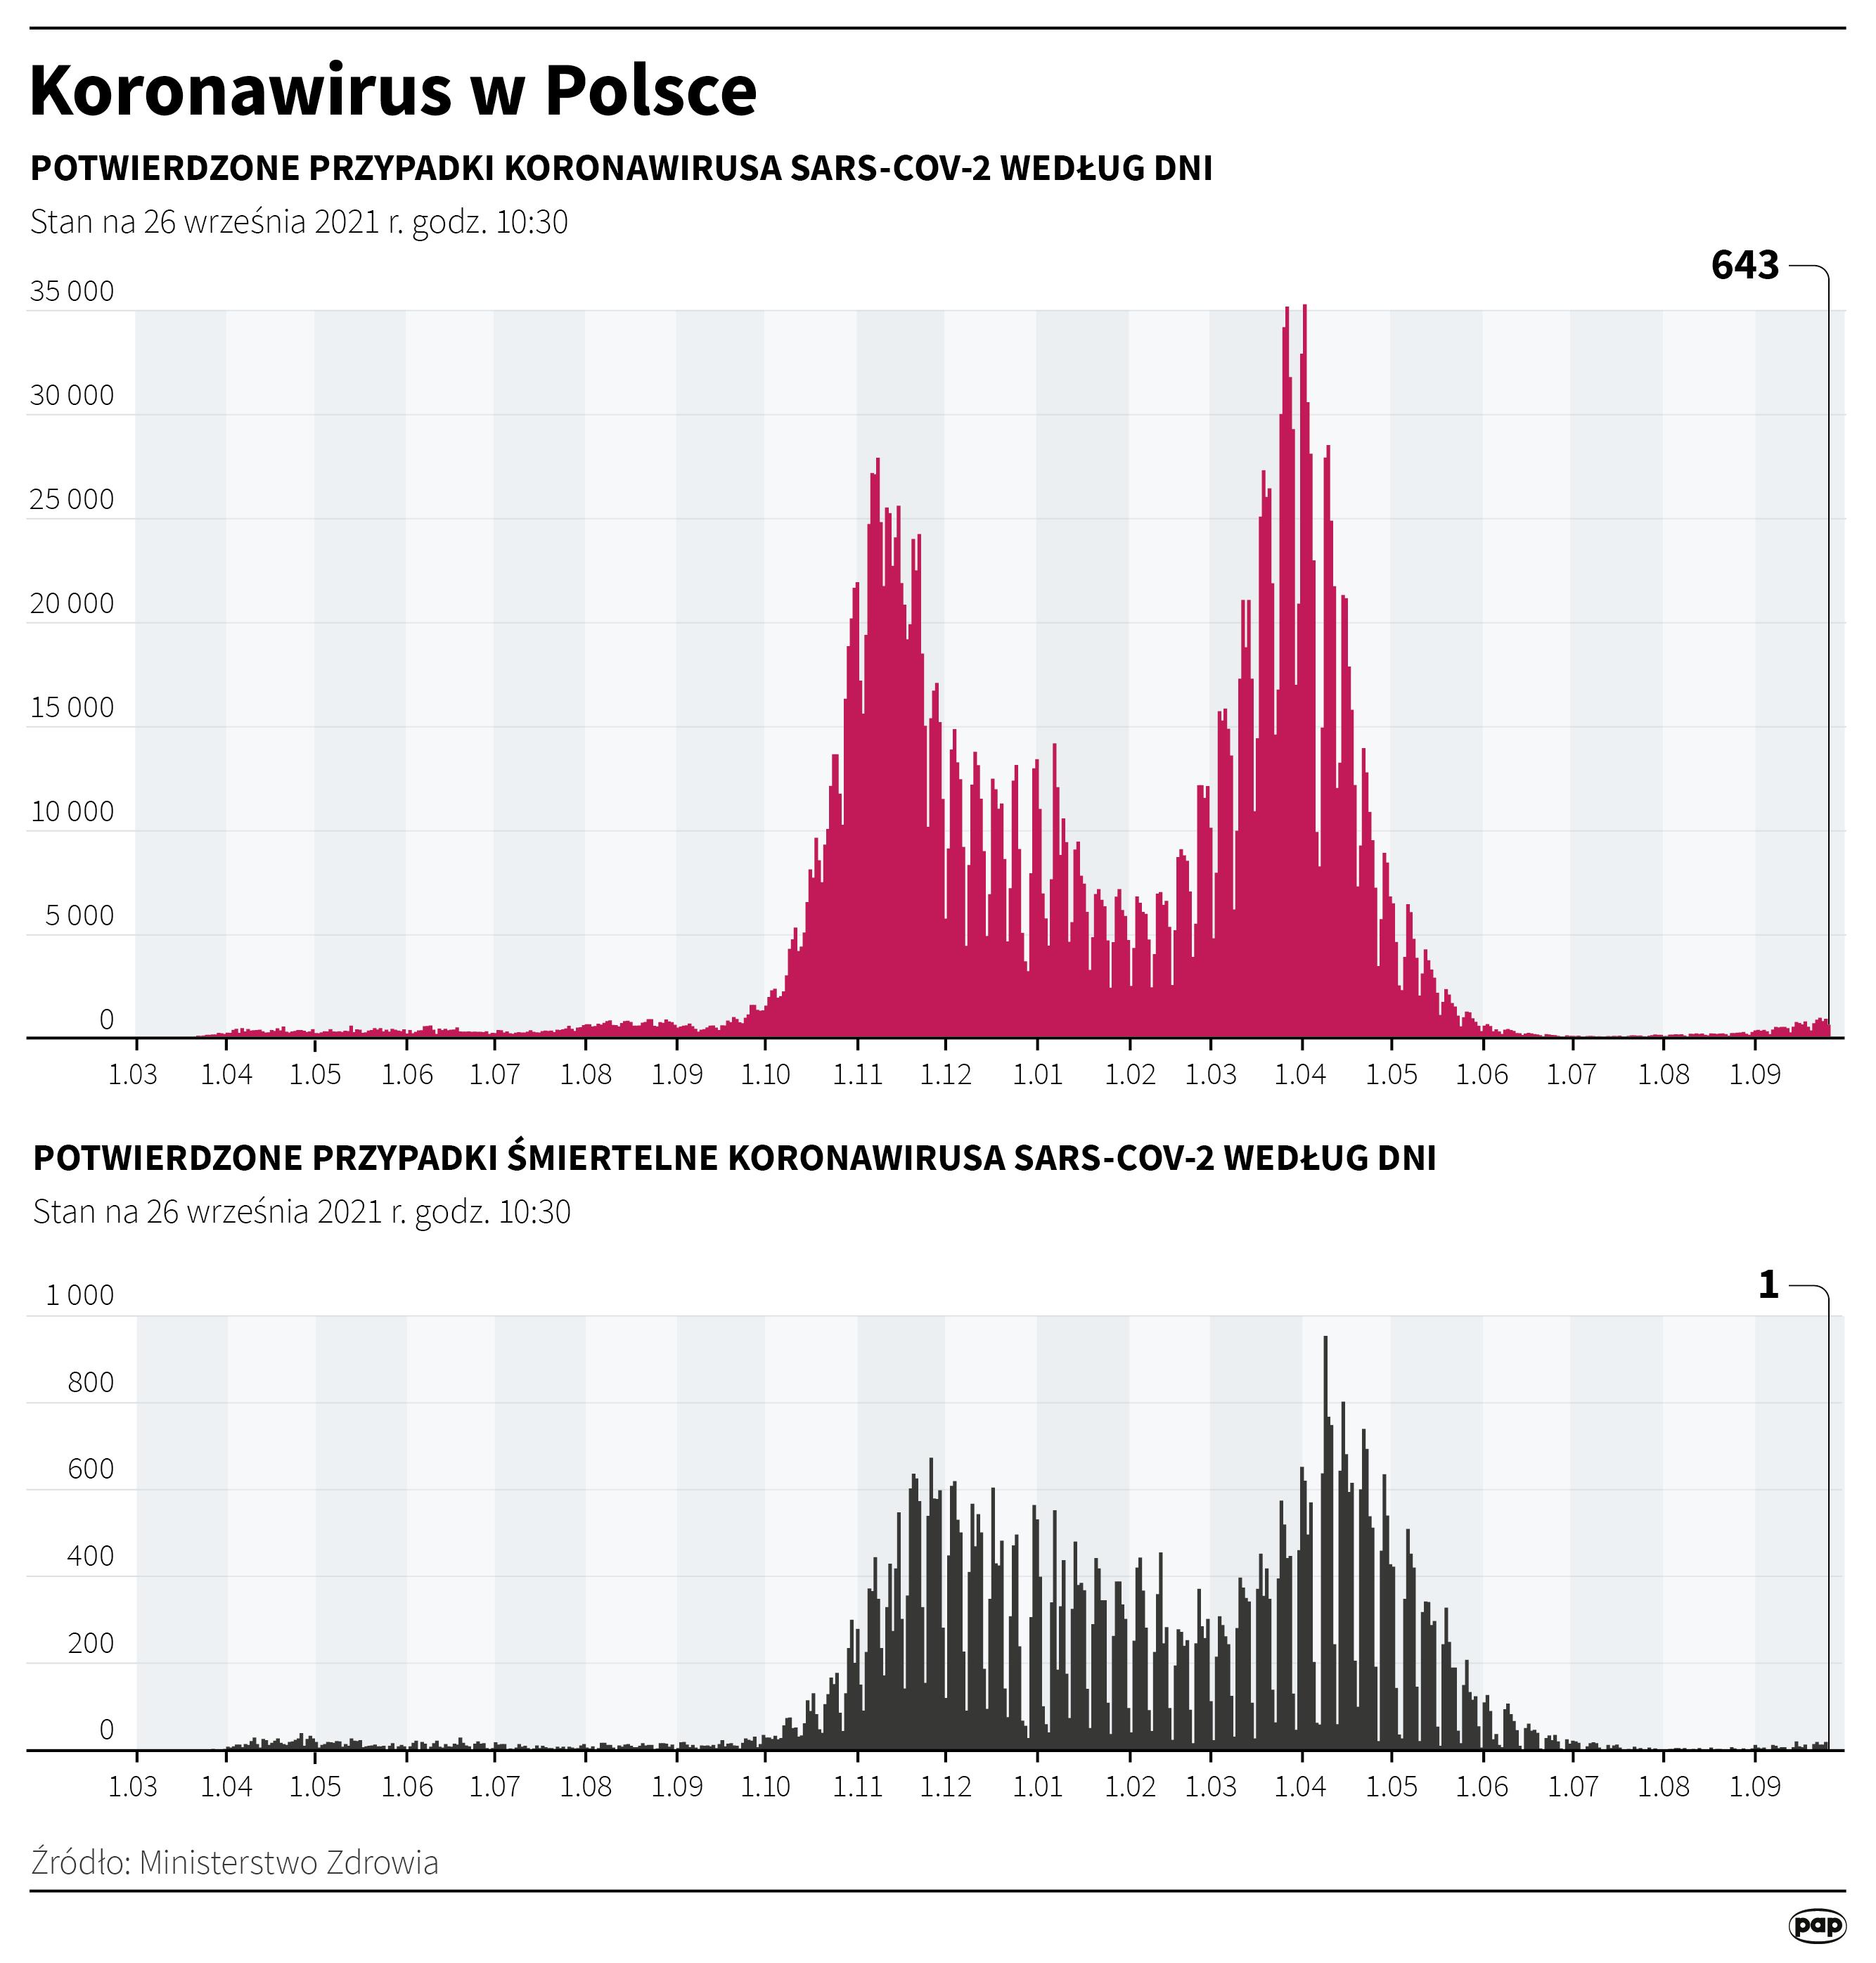 Koronawirus w Polsce stan na 26 września [autor: Maria Samczuk, źródło: PAP]